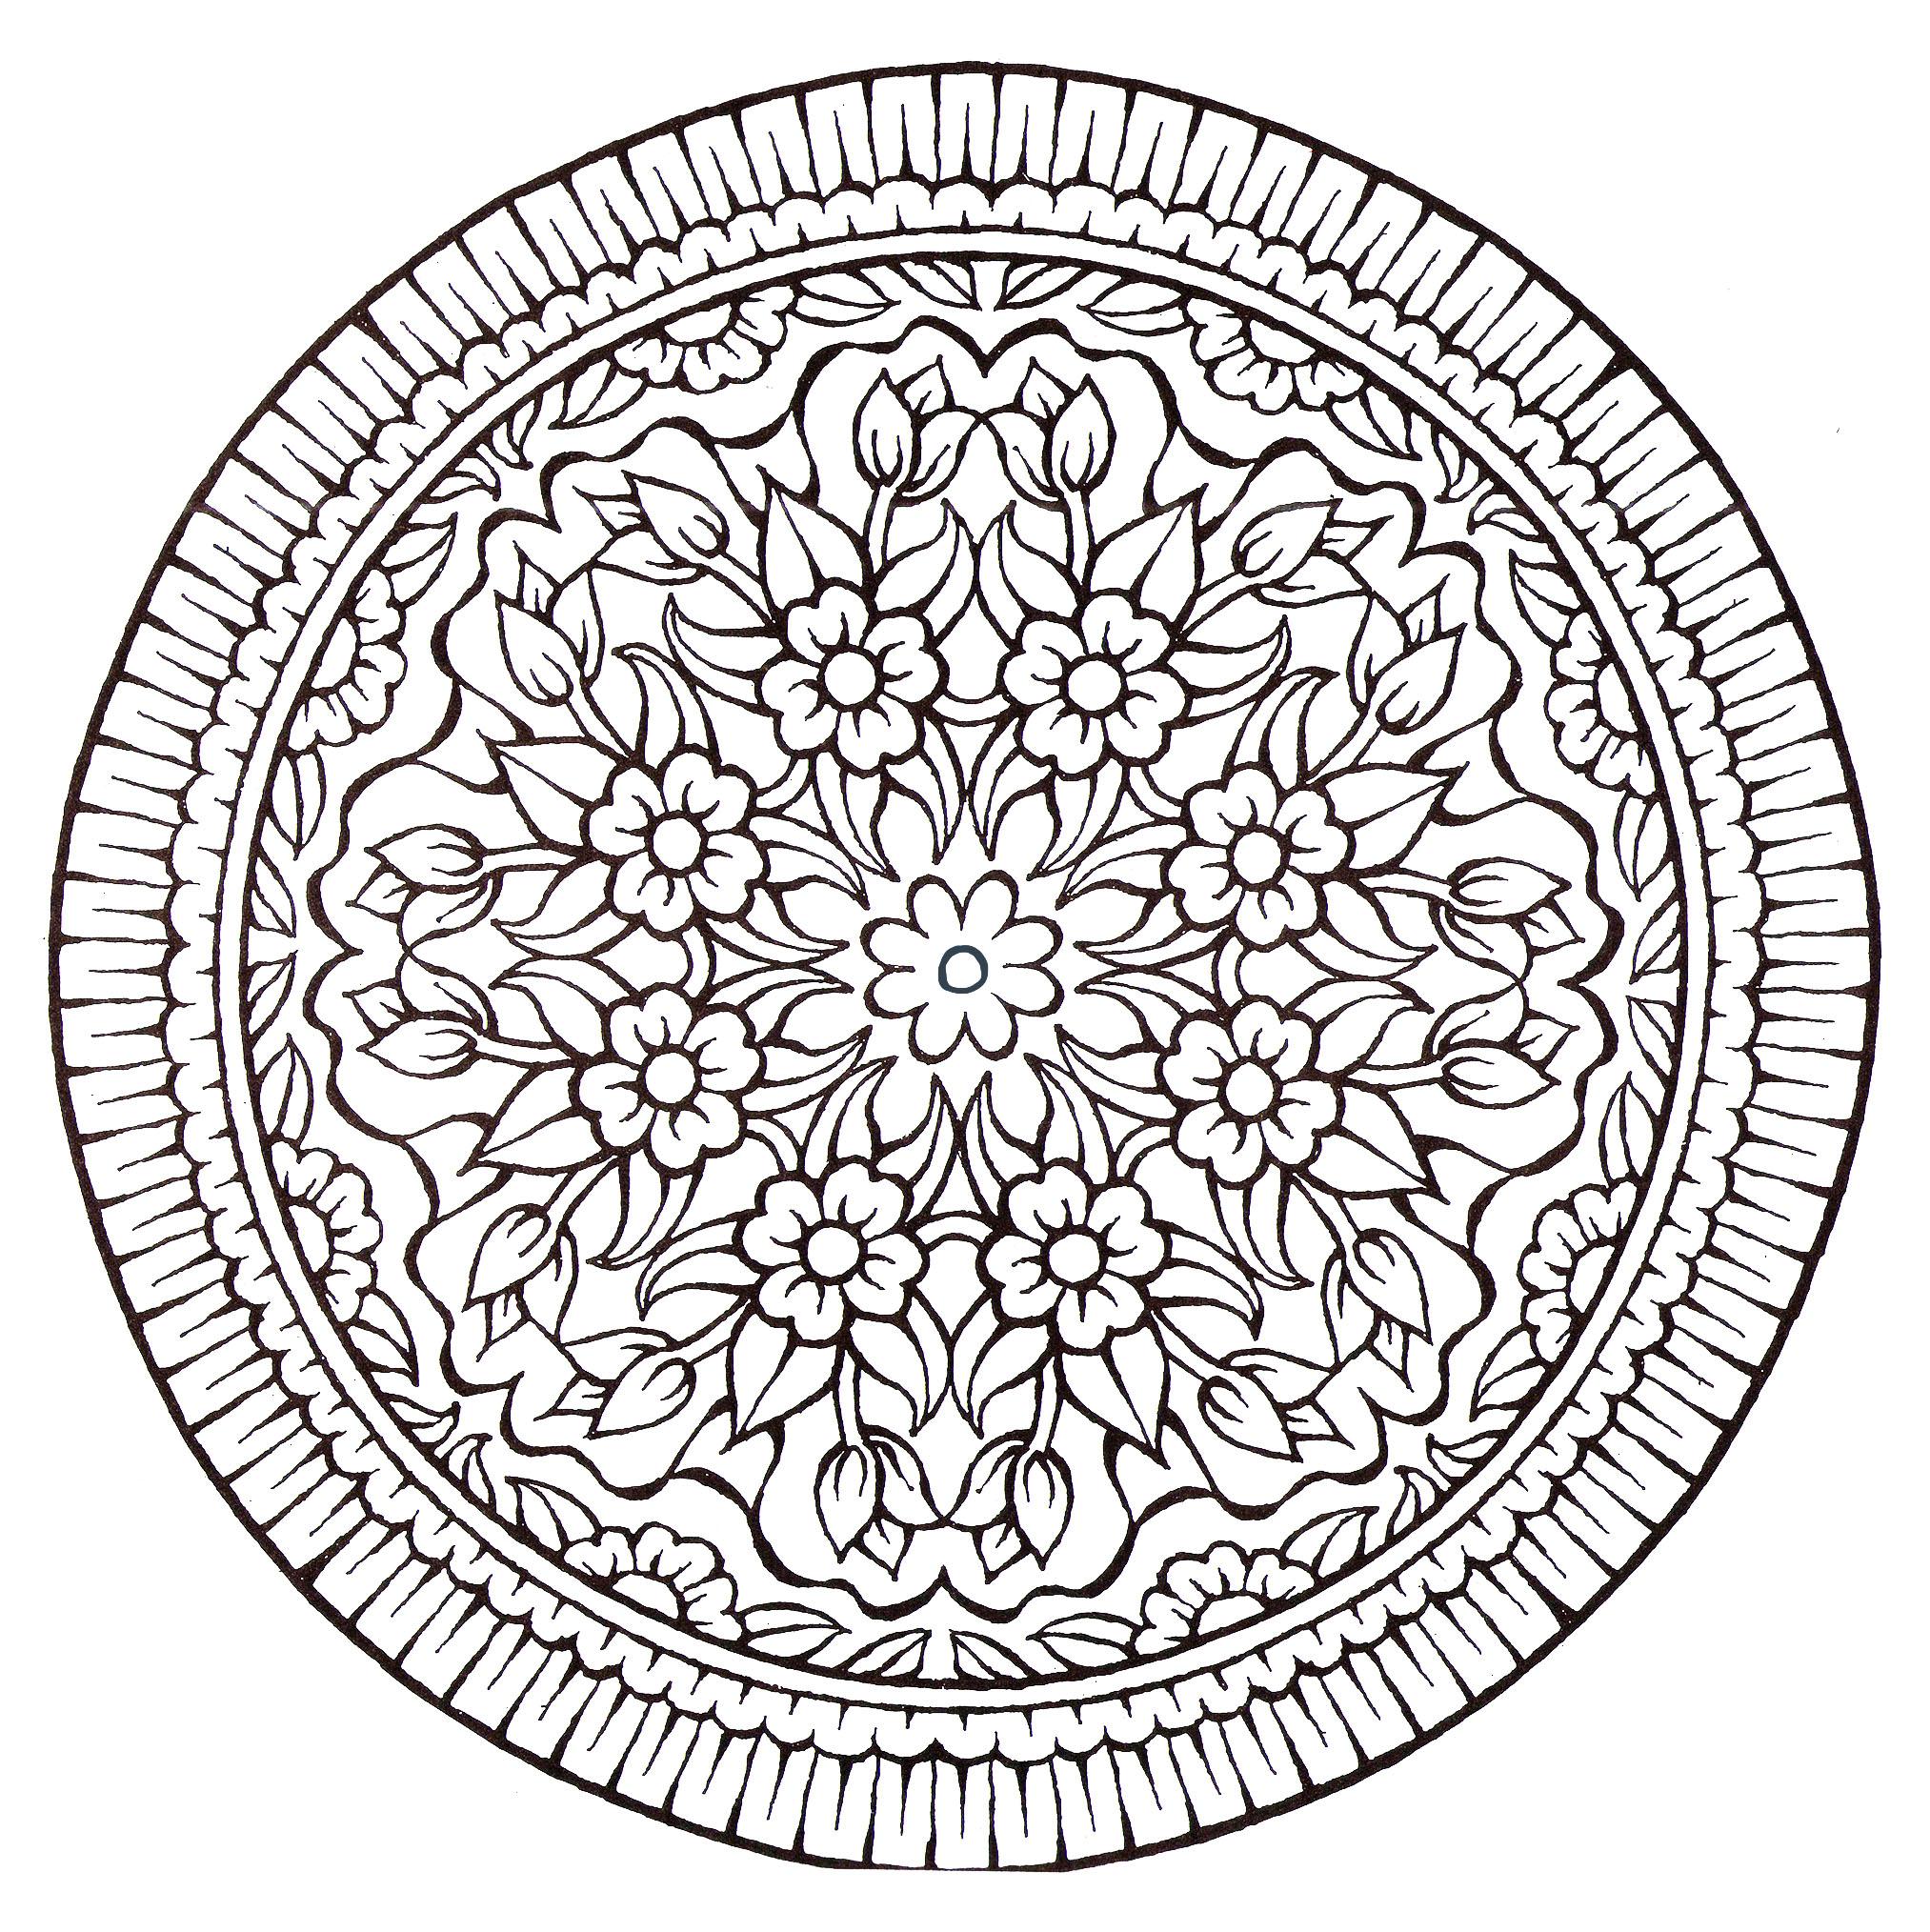 Disegni da colorare per adulti : Mandalas - 118